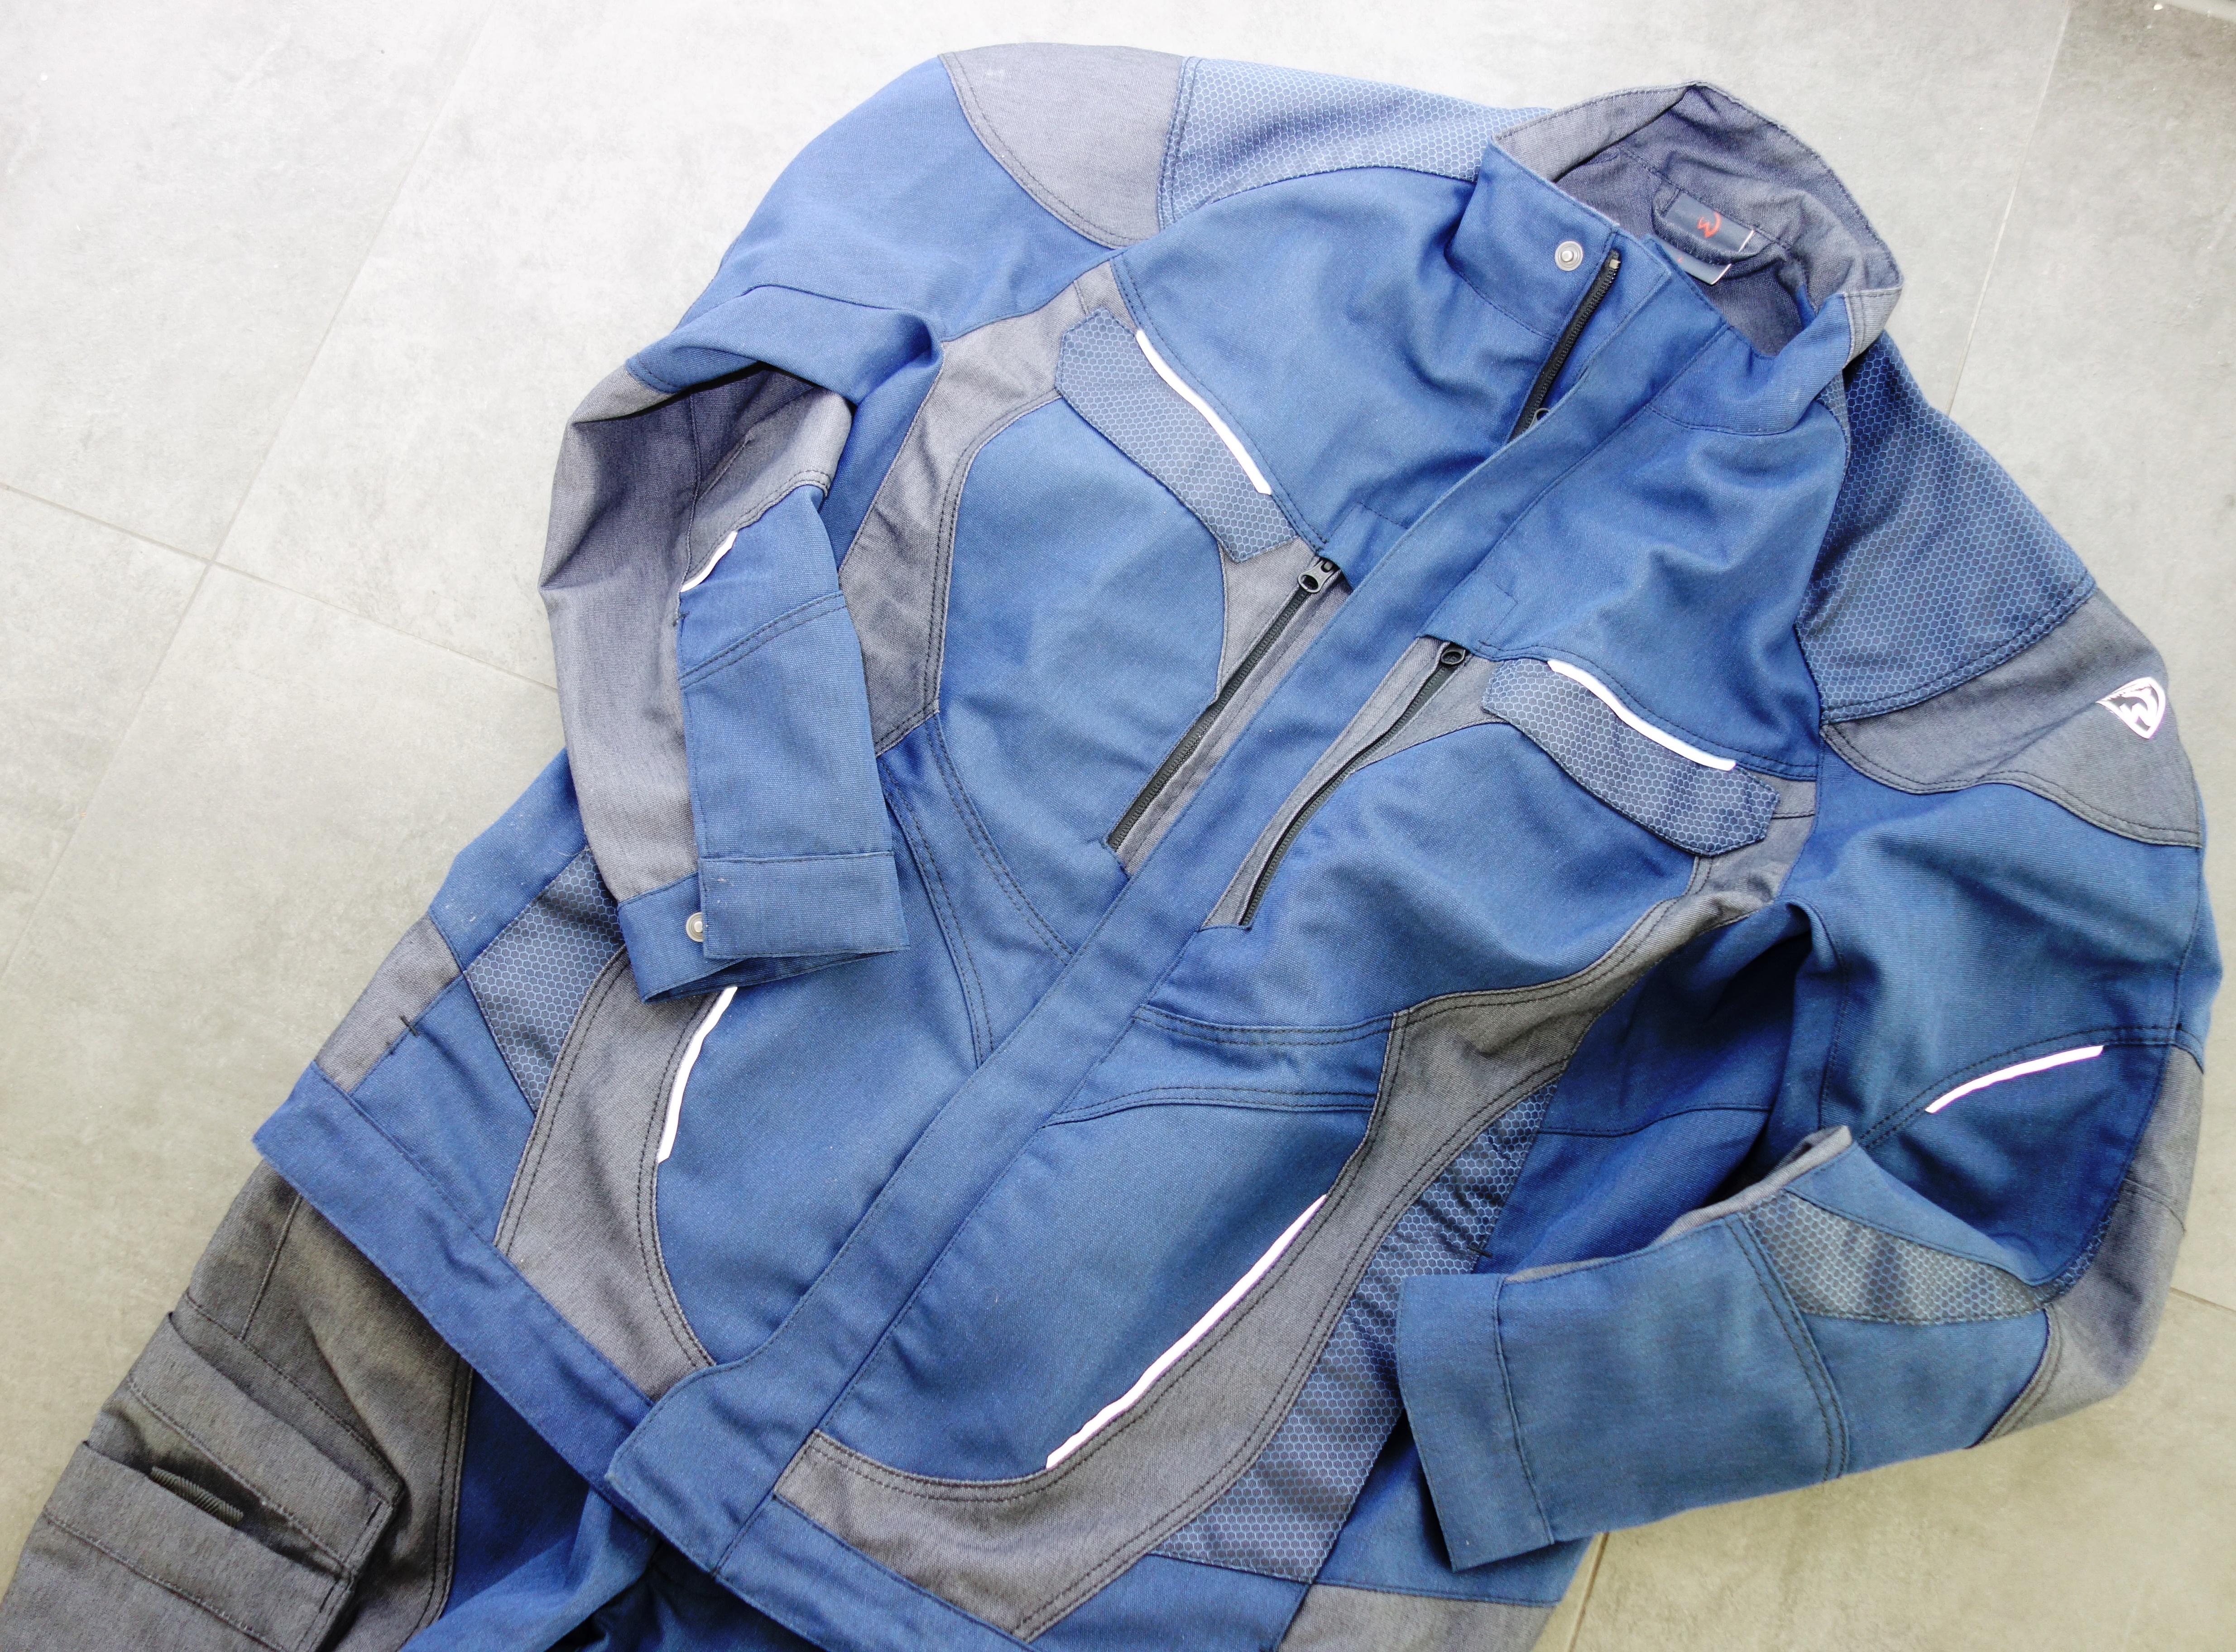 DSC01249 - Arbeitskleidung von heute: Modern und für den Alltag geeignet